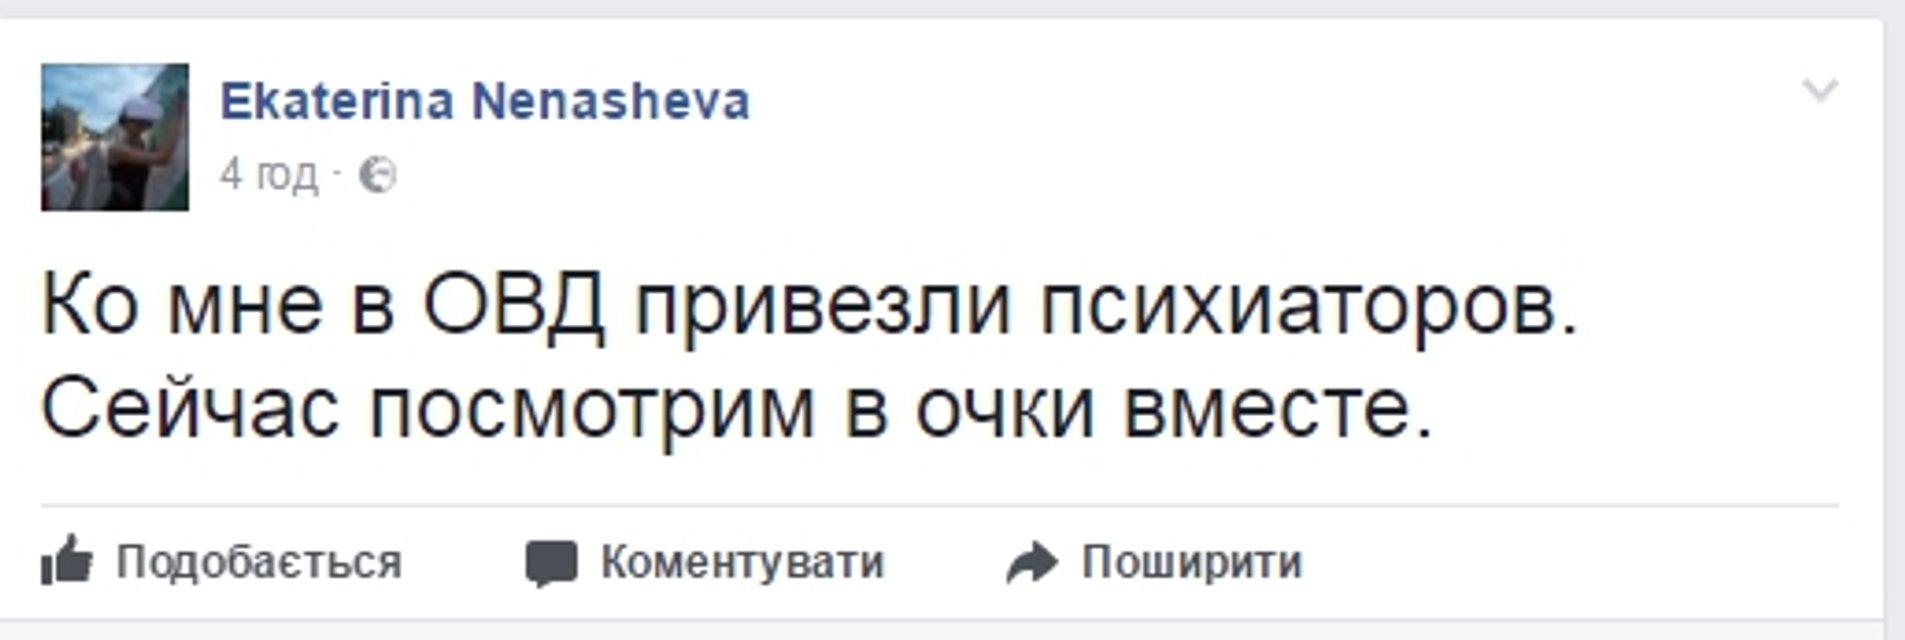 В Москве художницу забрали в психбольницу за очки виртуальной реальности - фото 53286